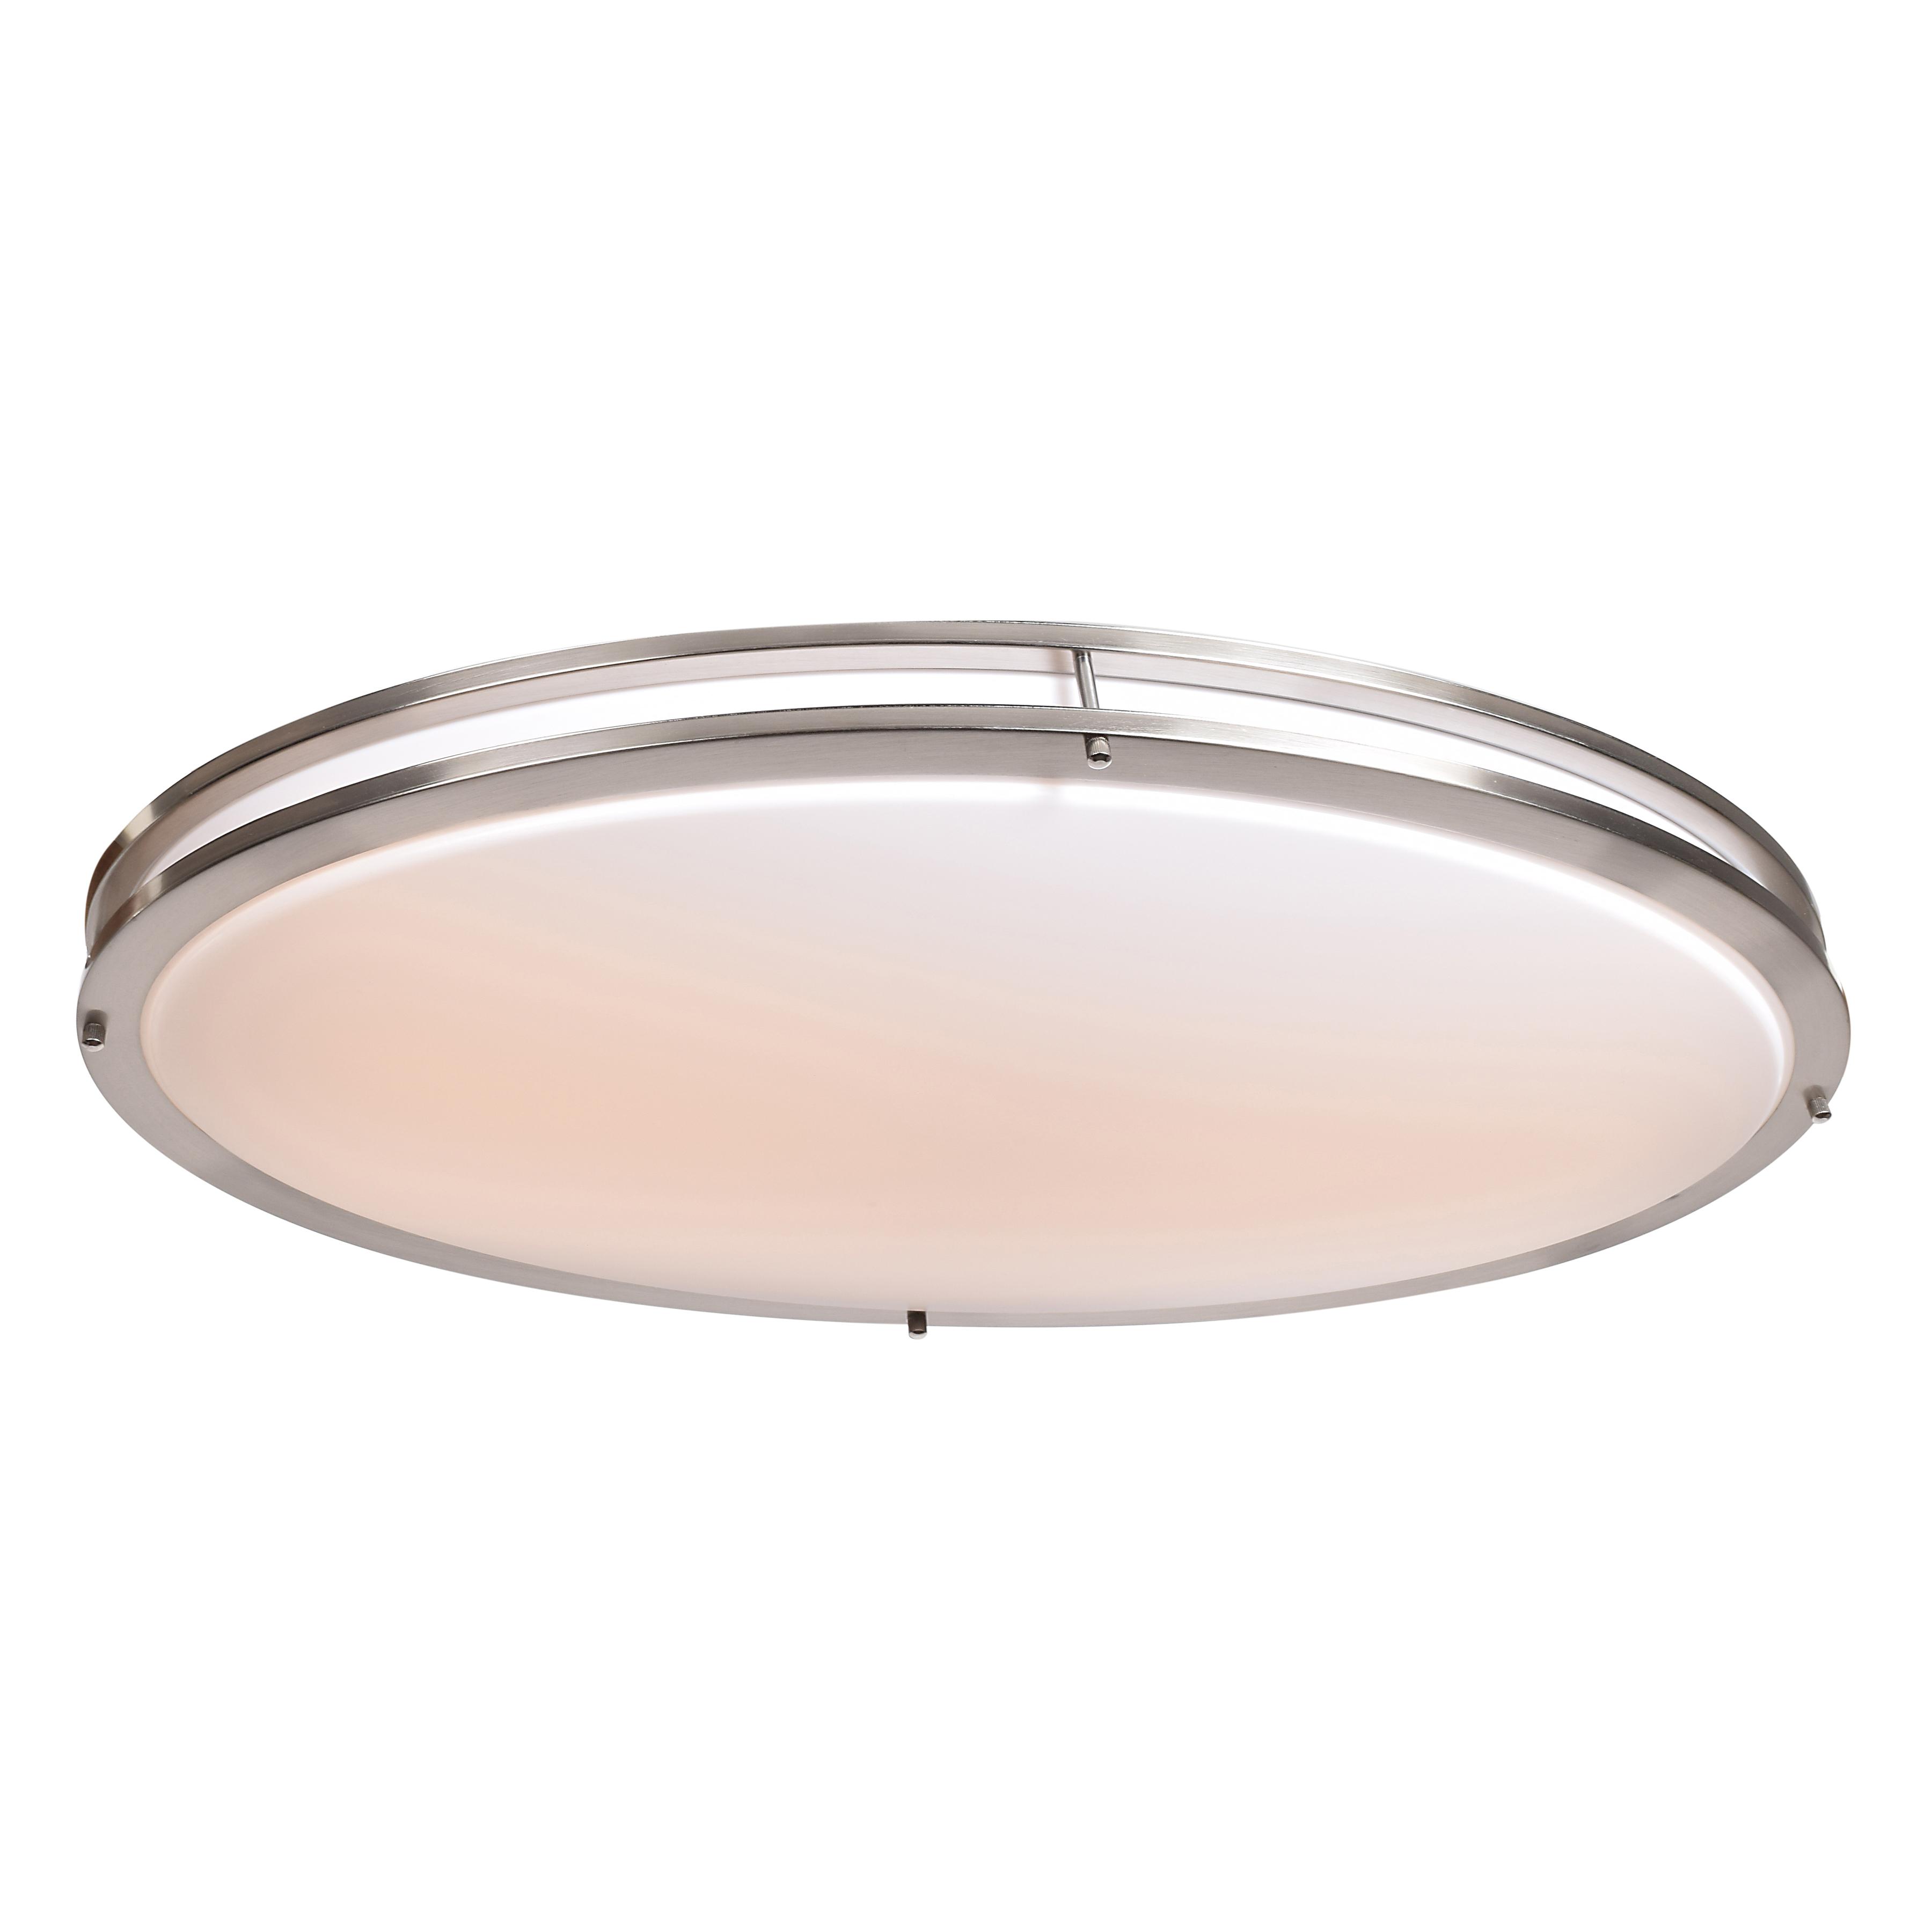 Solero Oval